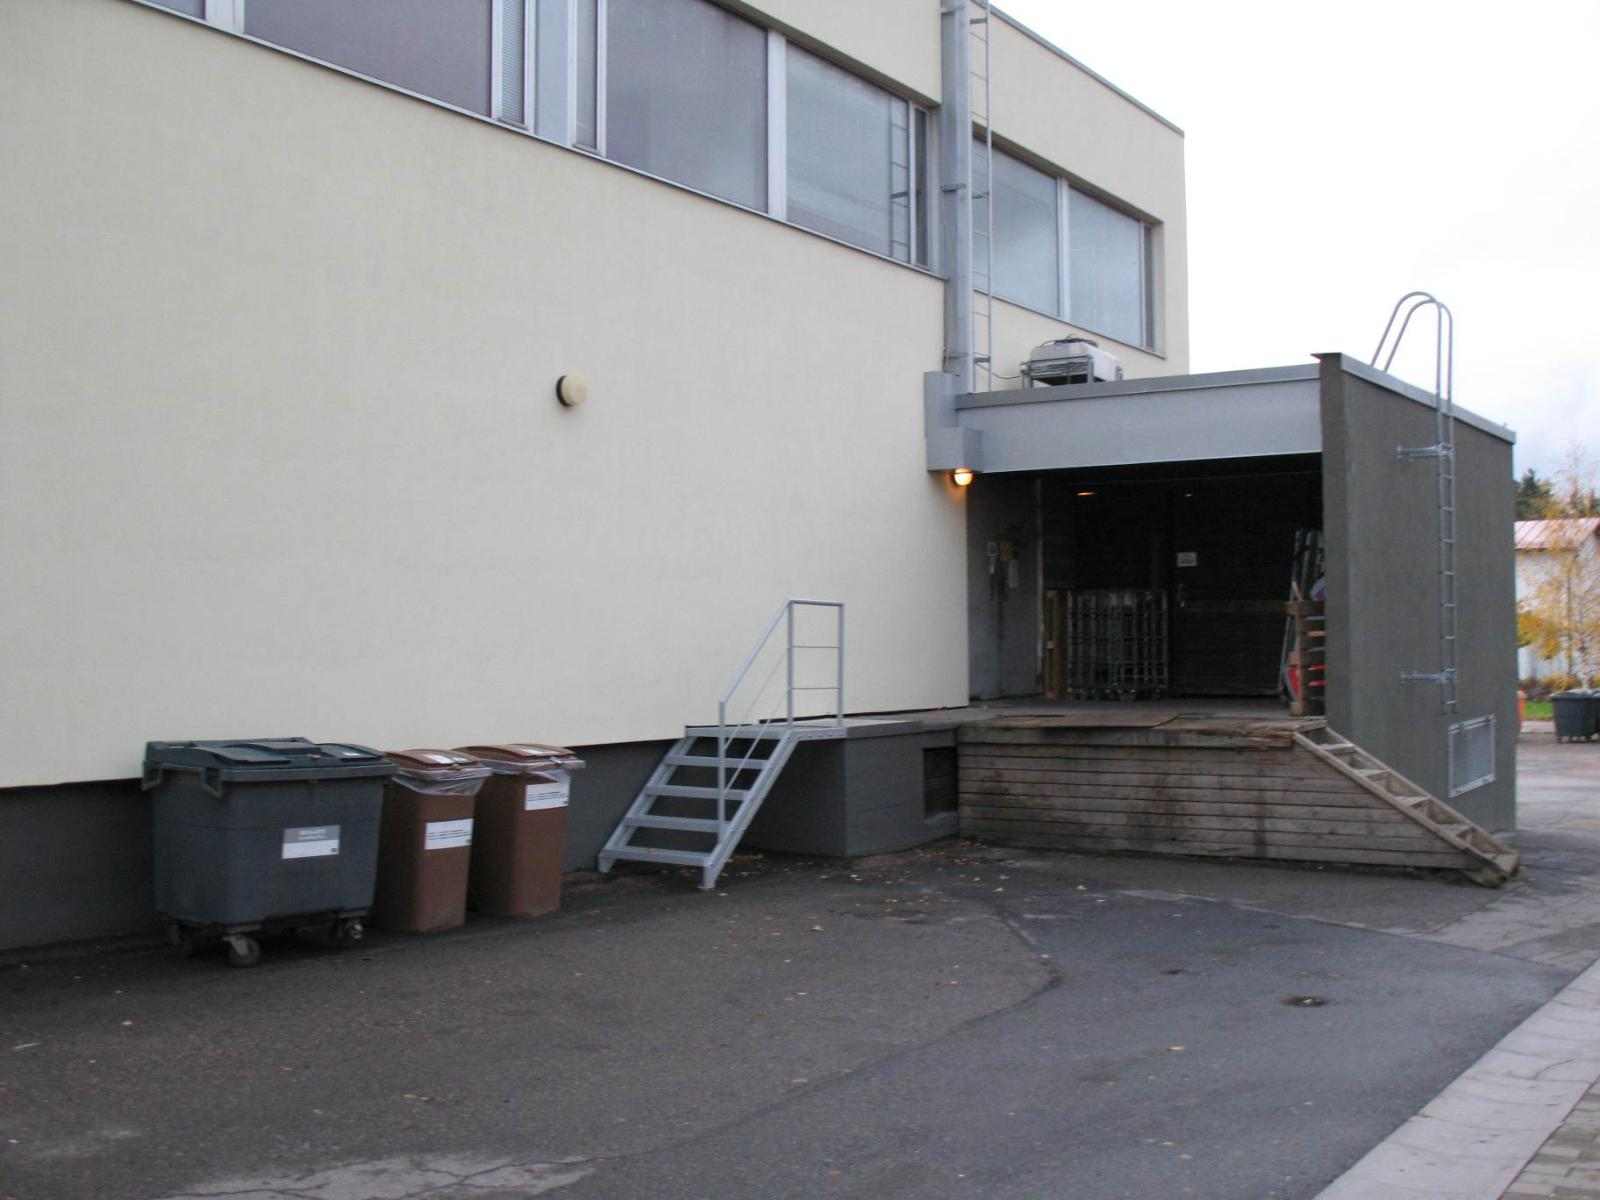 Keskustie 5, Kirkonkylä, Nurmijärvi